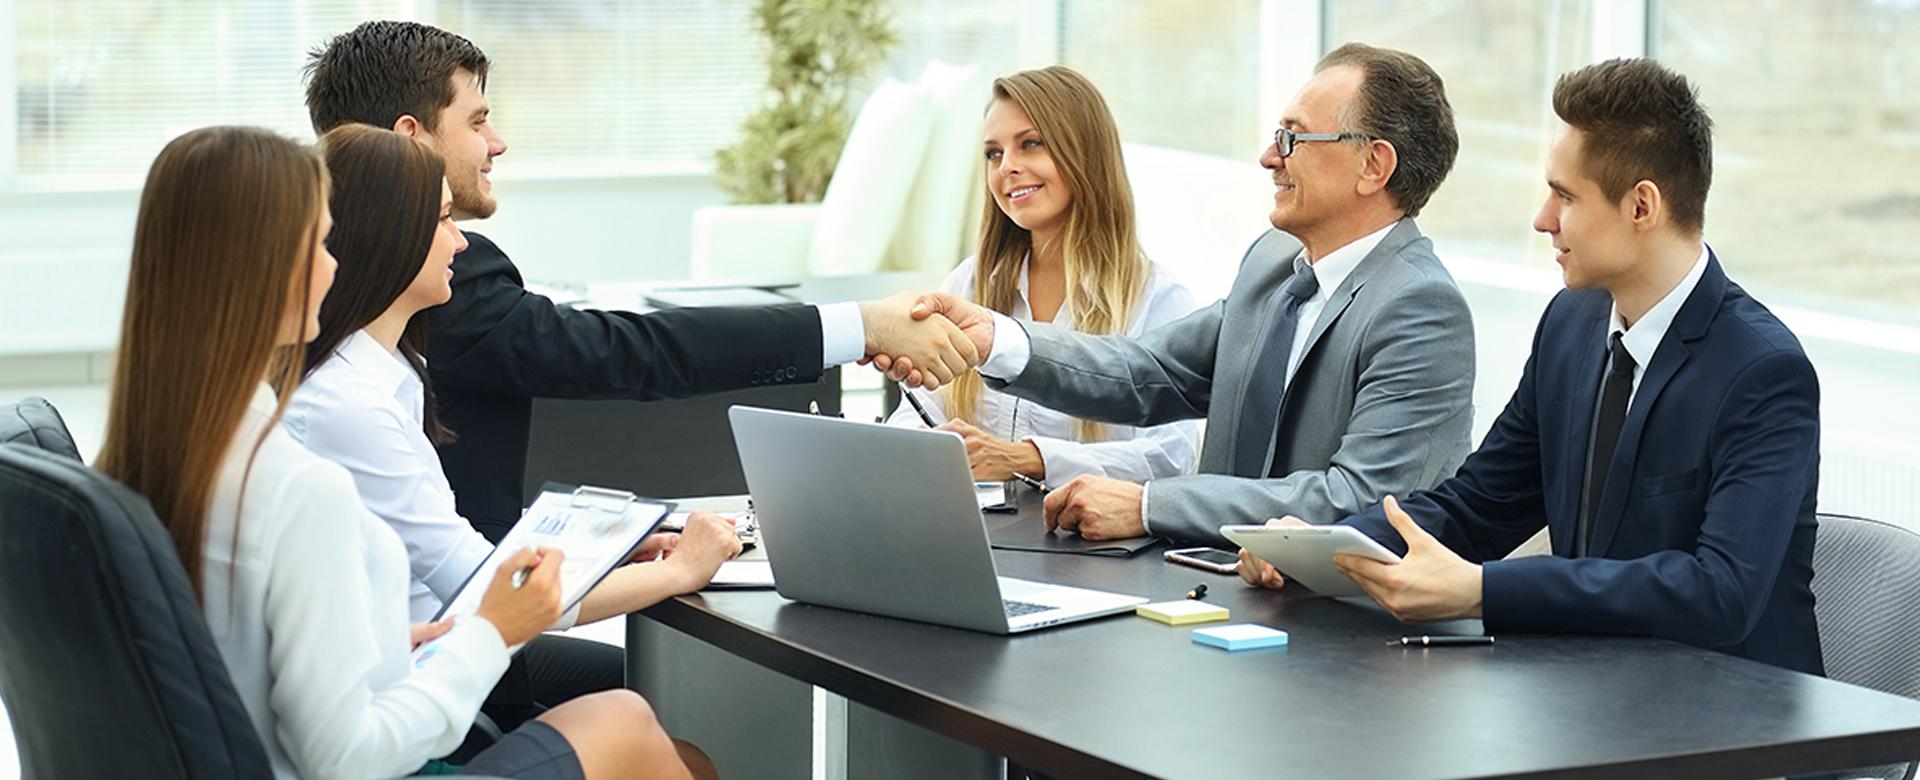 Un territoire pour implanter votre entreprise